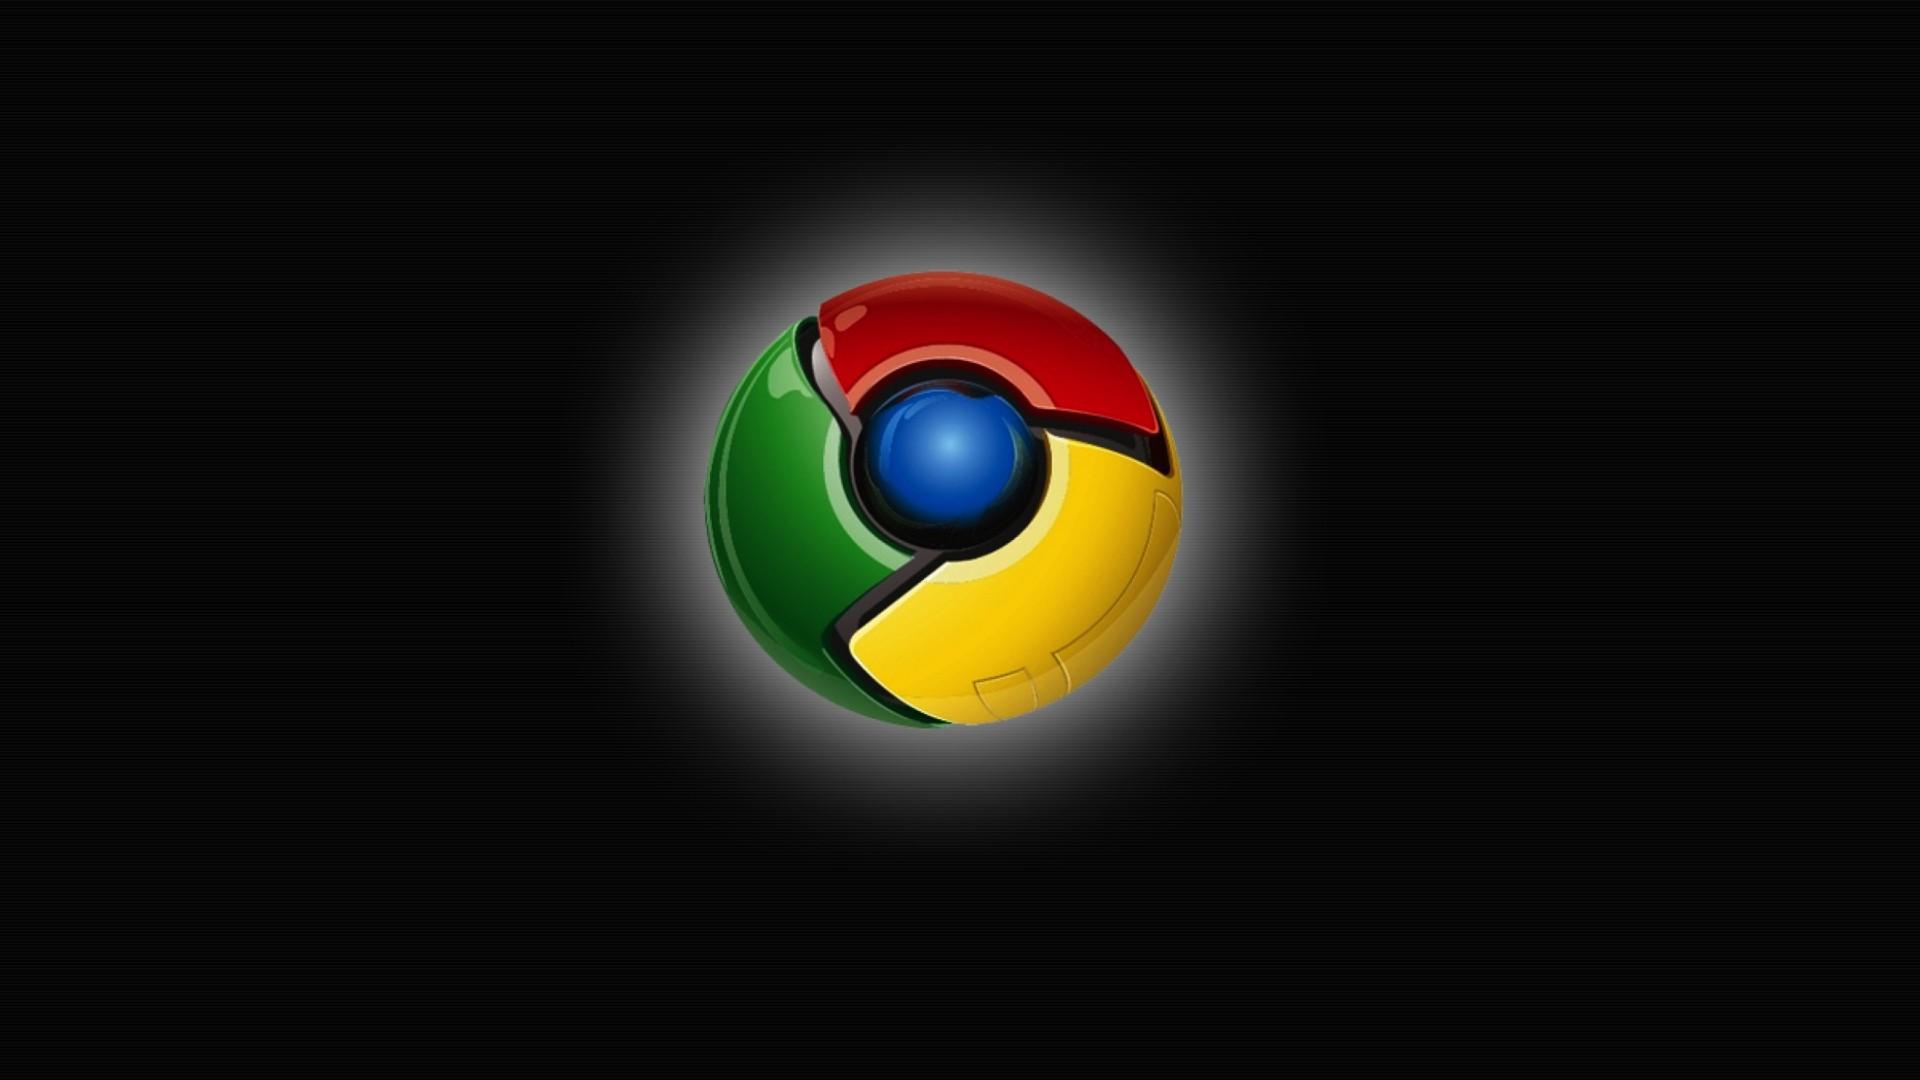 Chrome PC Wallpaper HD